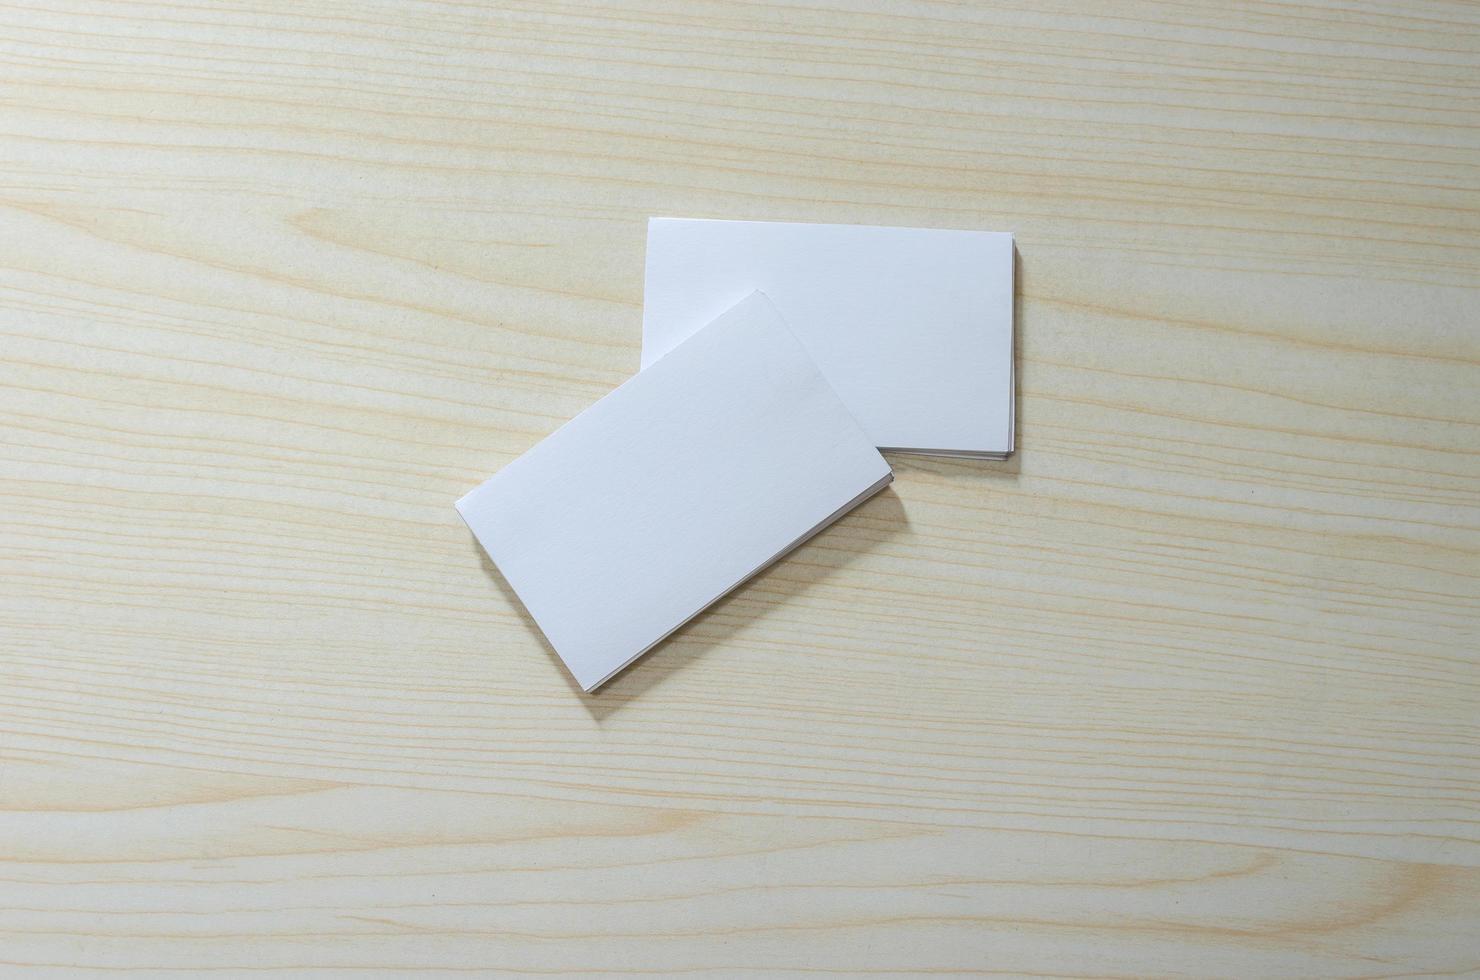 uma maquete de papel em branco para cartões de visita em uma mesa de madeira foto